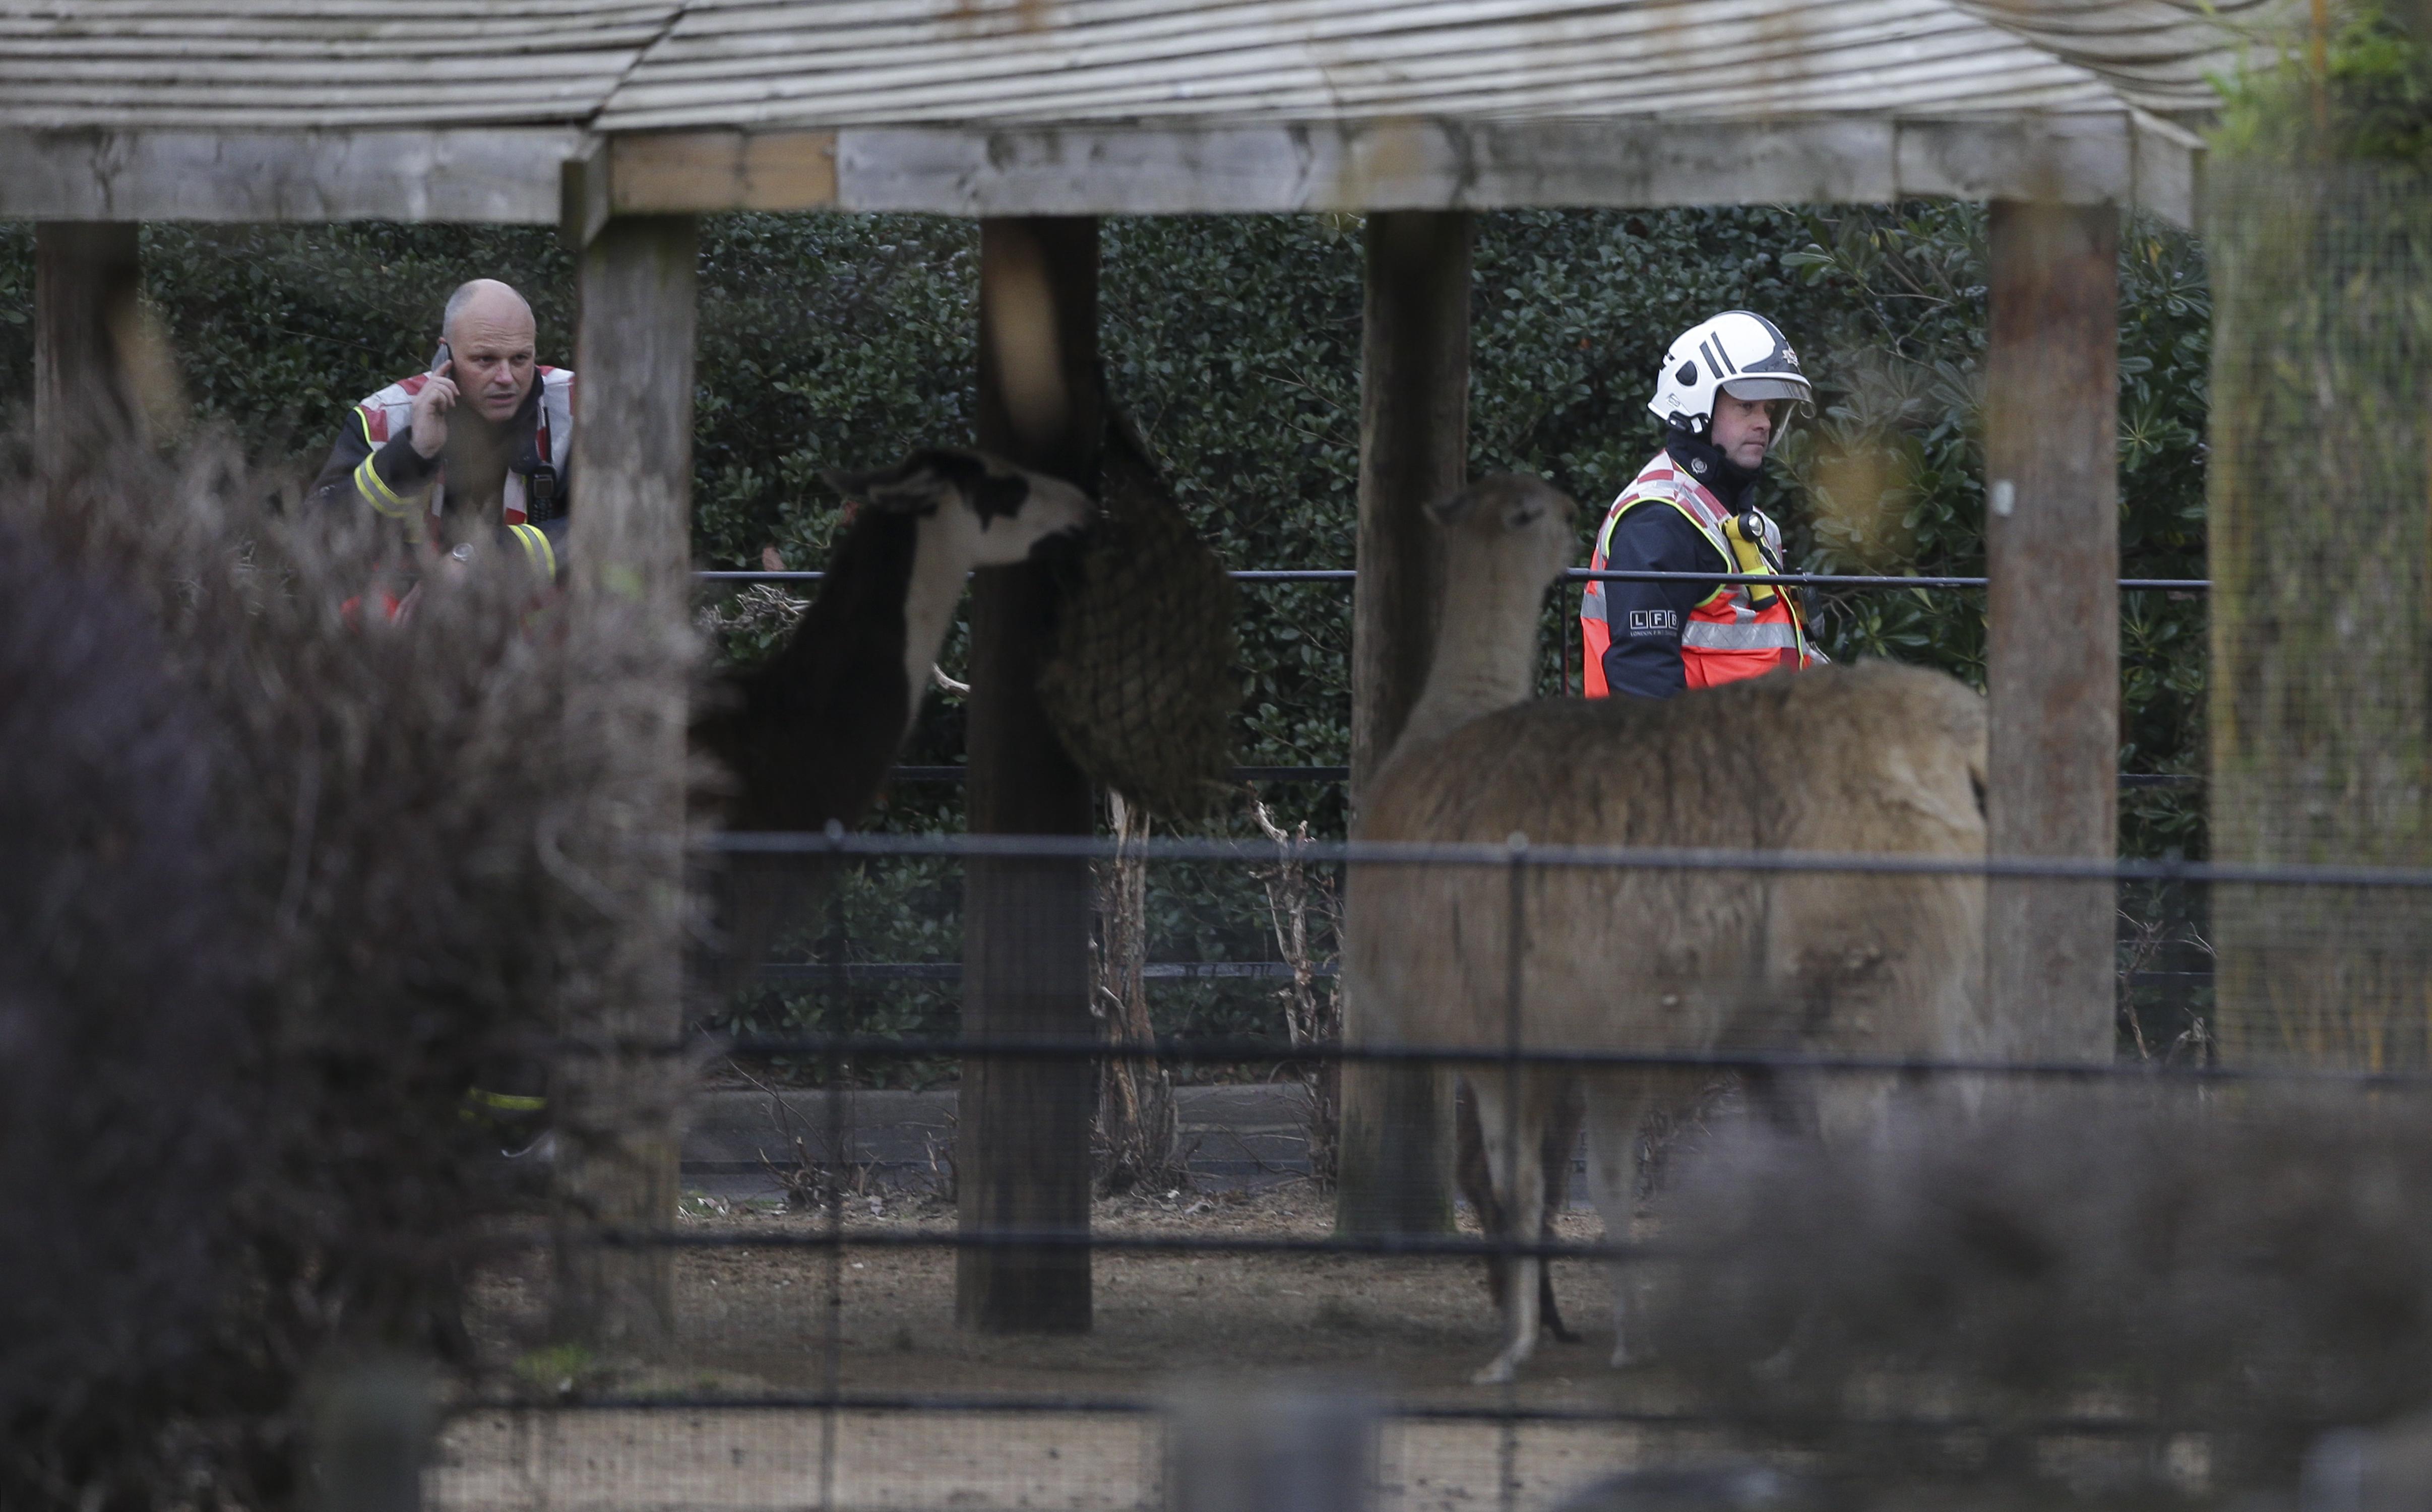 Tűzvész a londoni állatkertben, egy földimalac elpusztult, négy szurikátának nyoma veszett